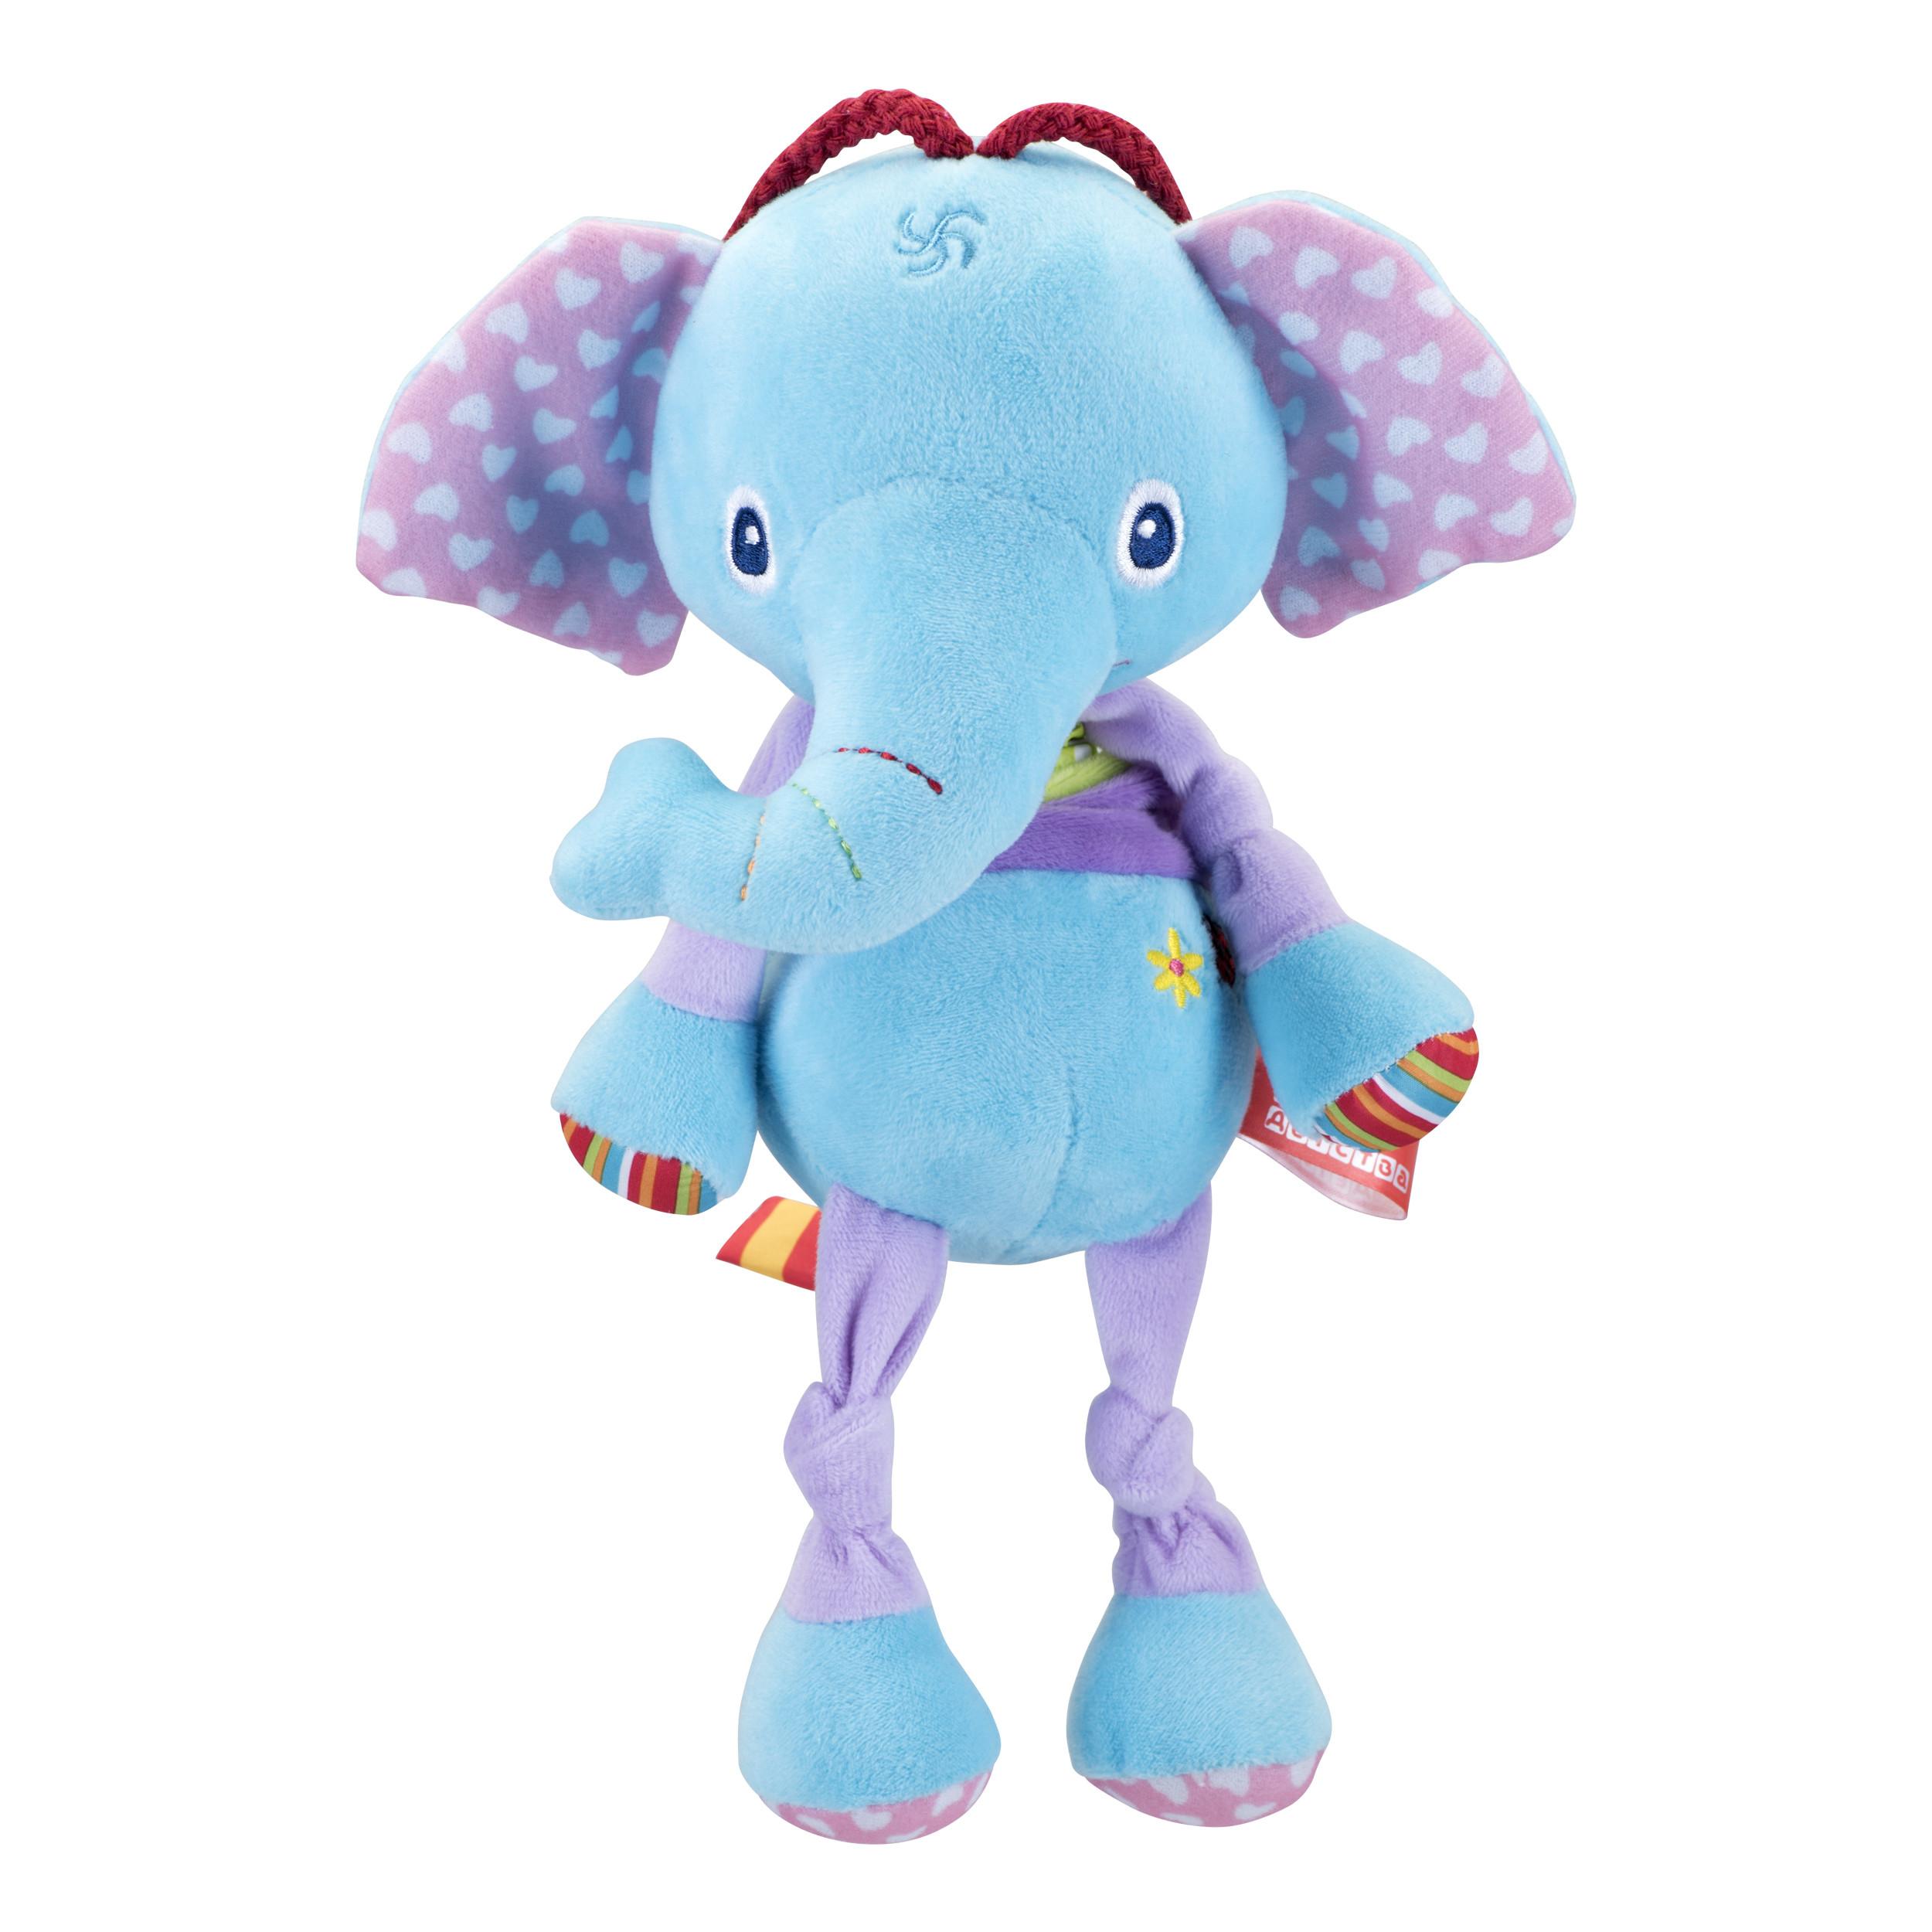 Музыкальные игрушки Мир детства Слонёнок Трубач музыкальные игрушки spiegelburg посох дождя